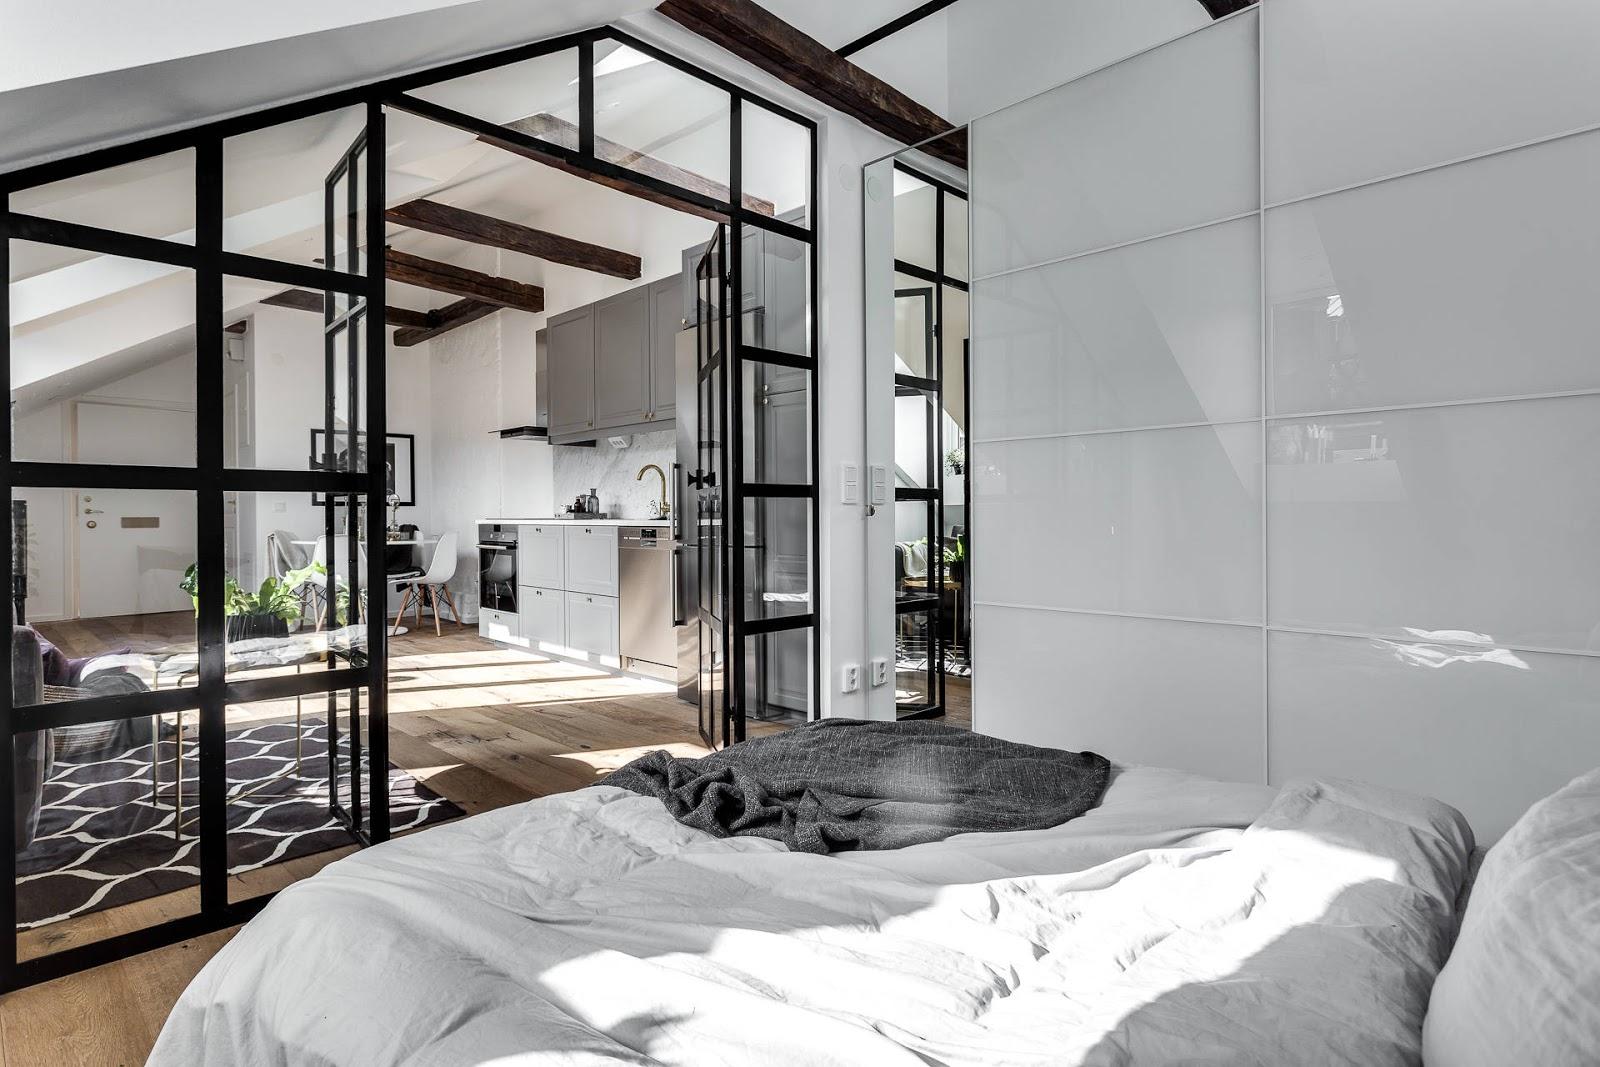 decordemon David Bagares Gata 26C Attic Apartment With